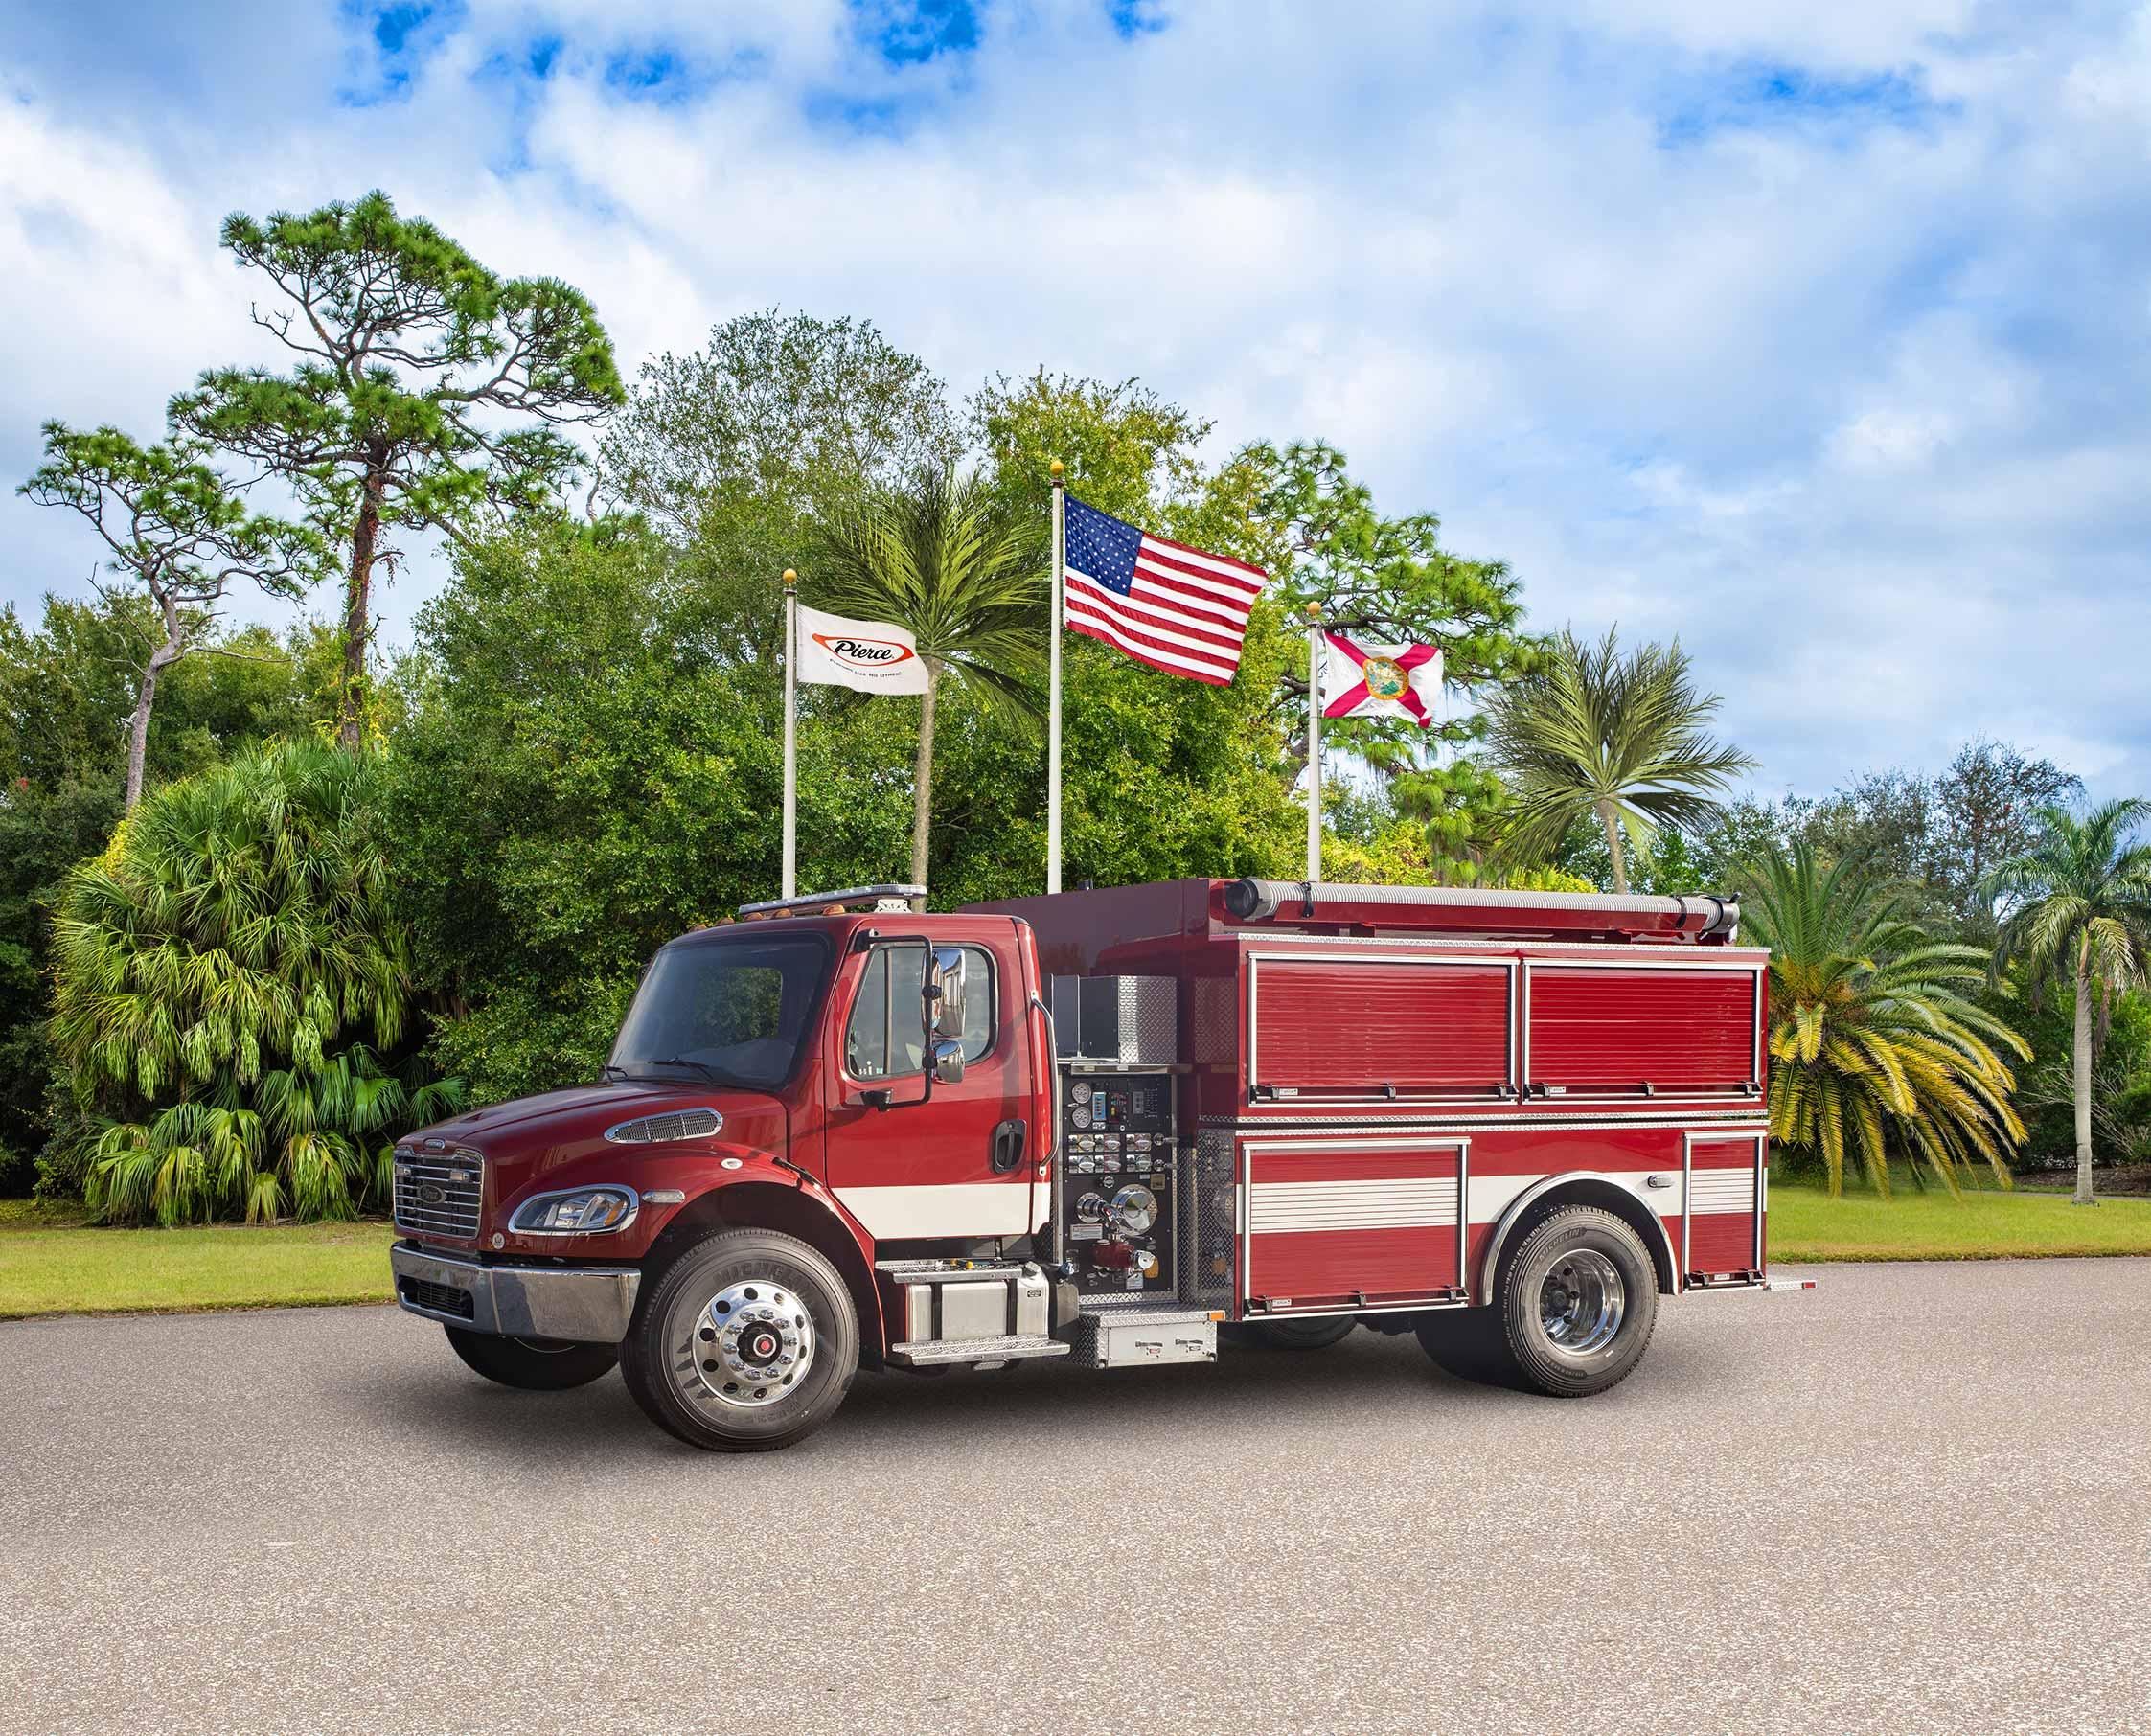 Unalakleet Volunteer Fire Department - Tanker